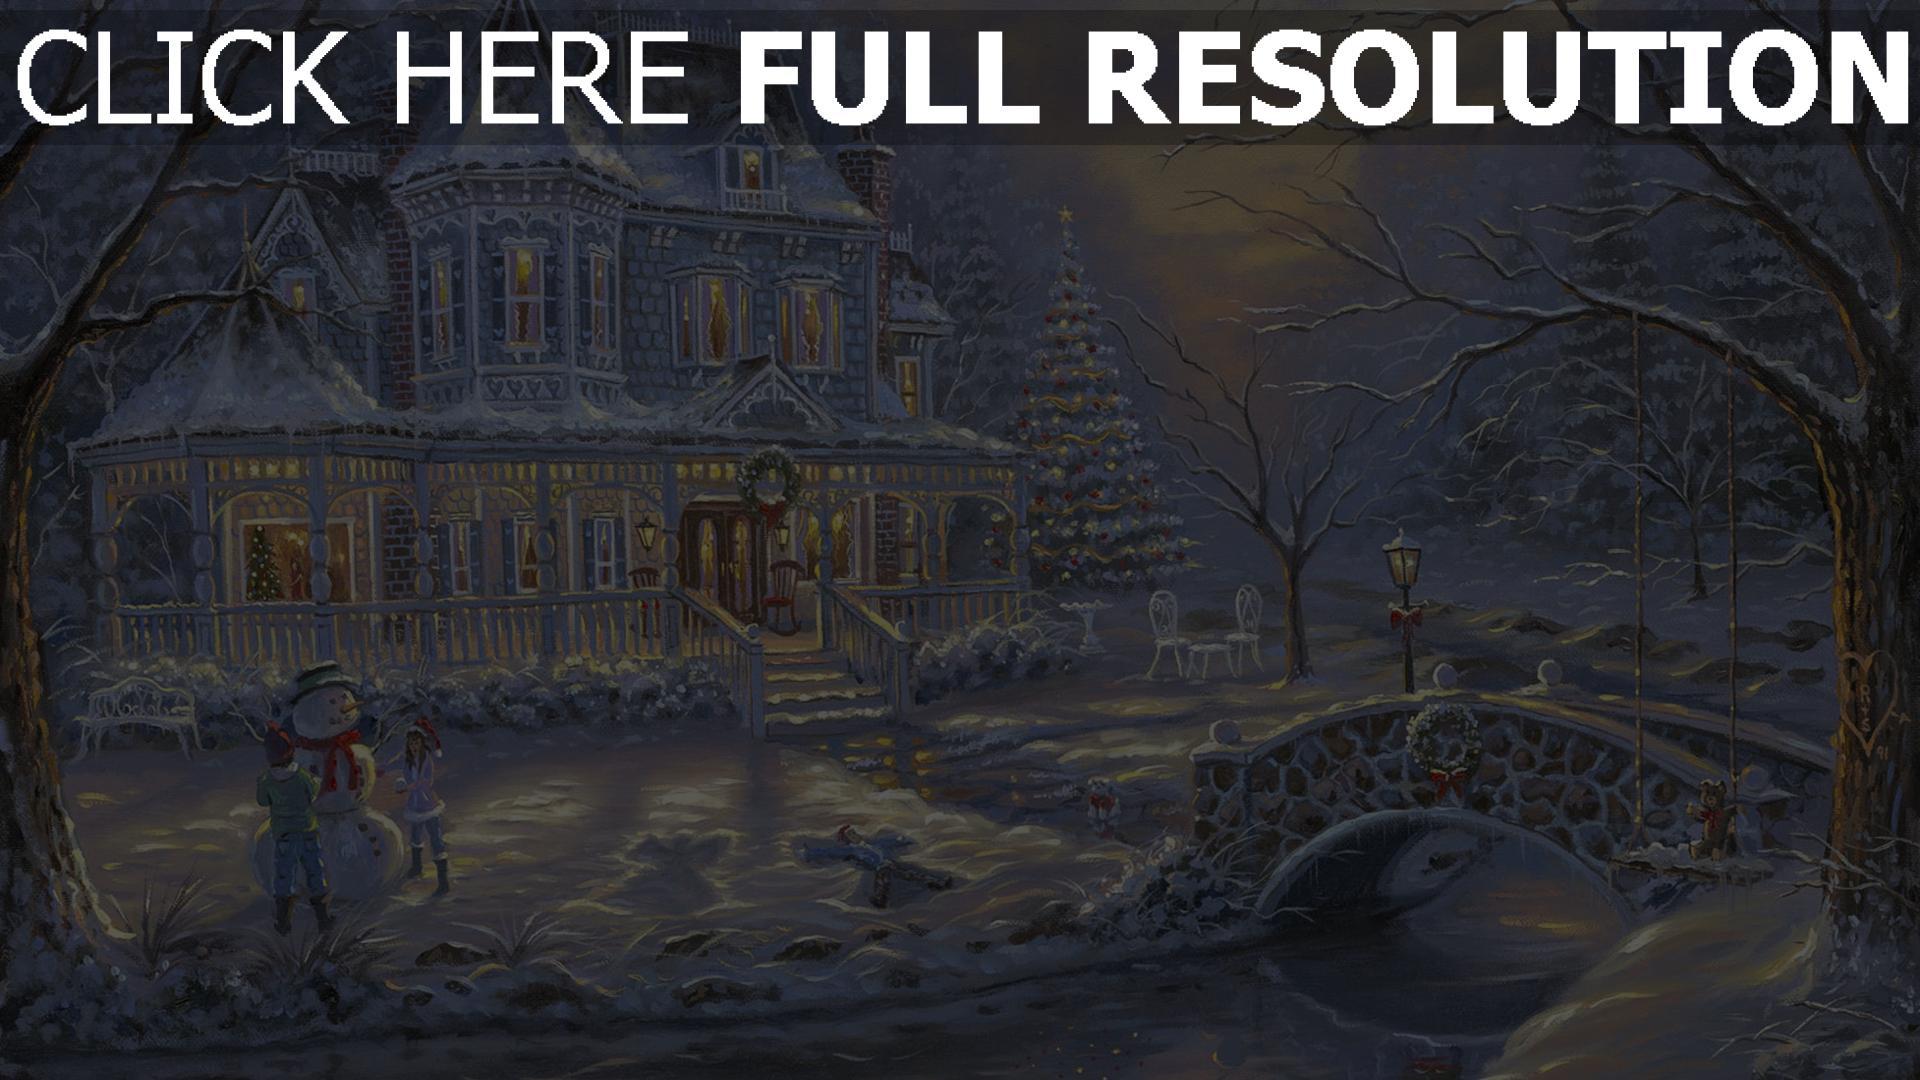 fond d'écran 1920x1080 mansion illuminée enneigé noël bonhomme de neige